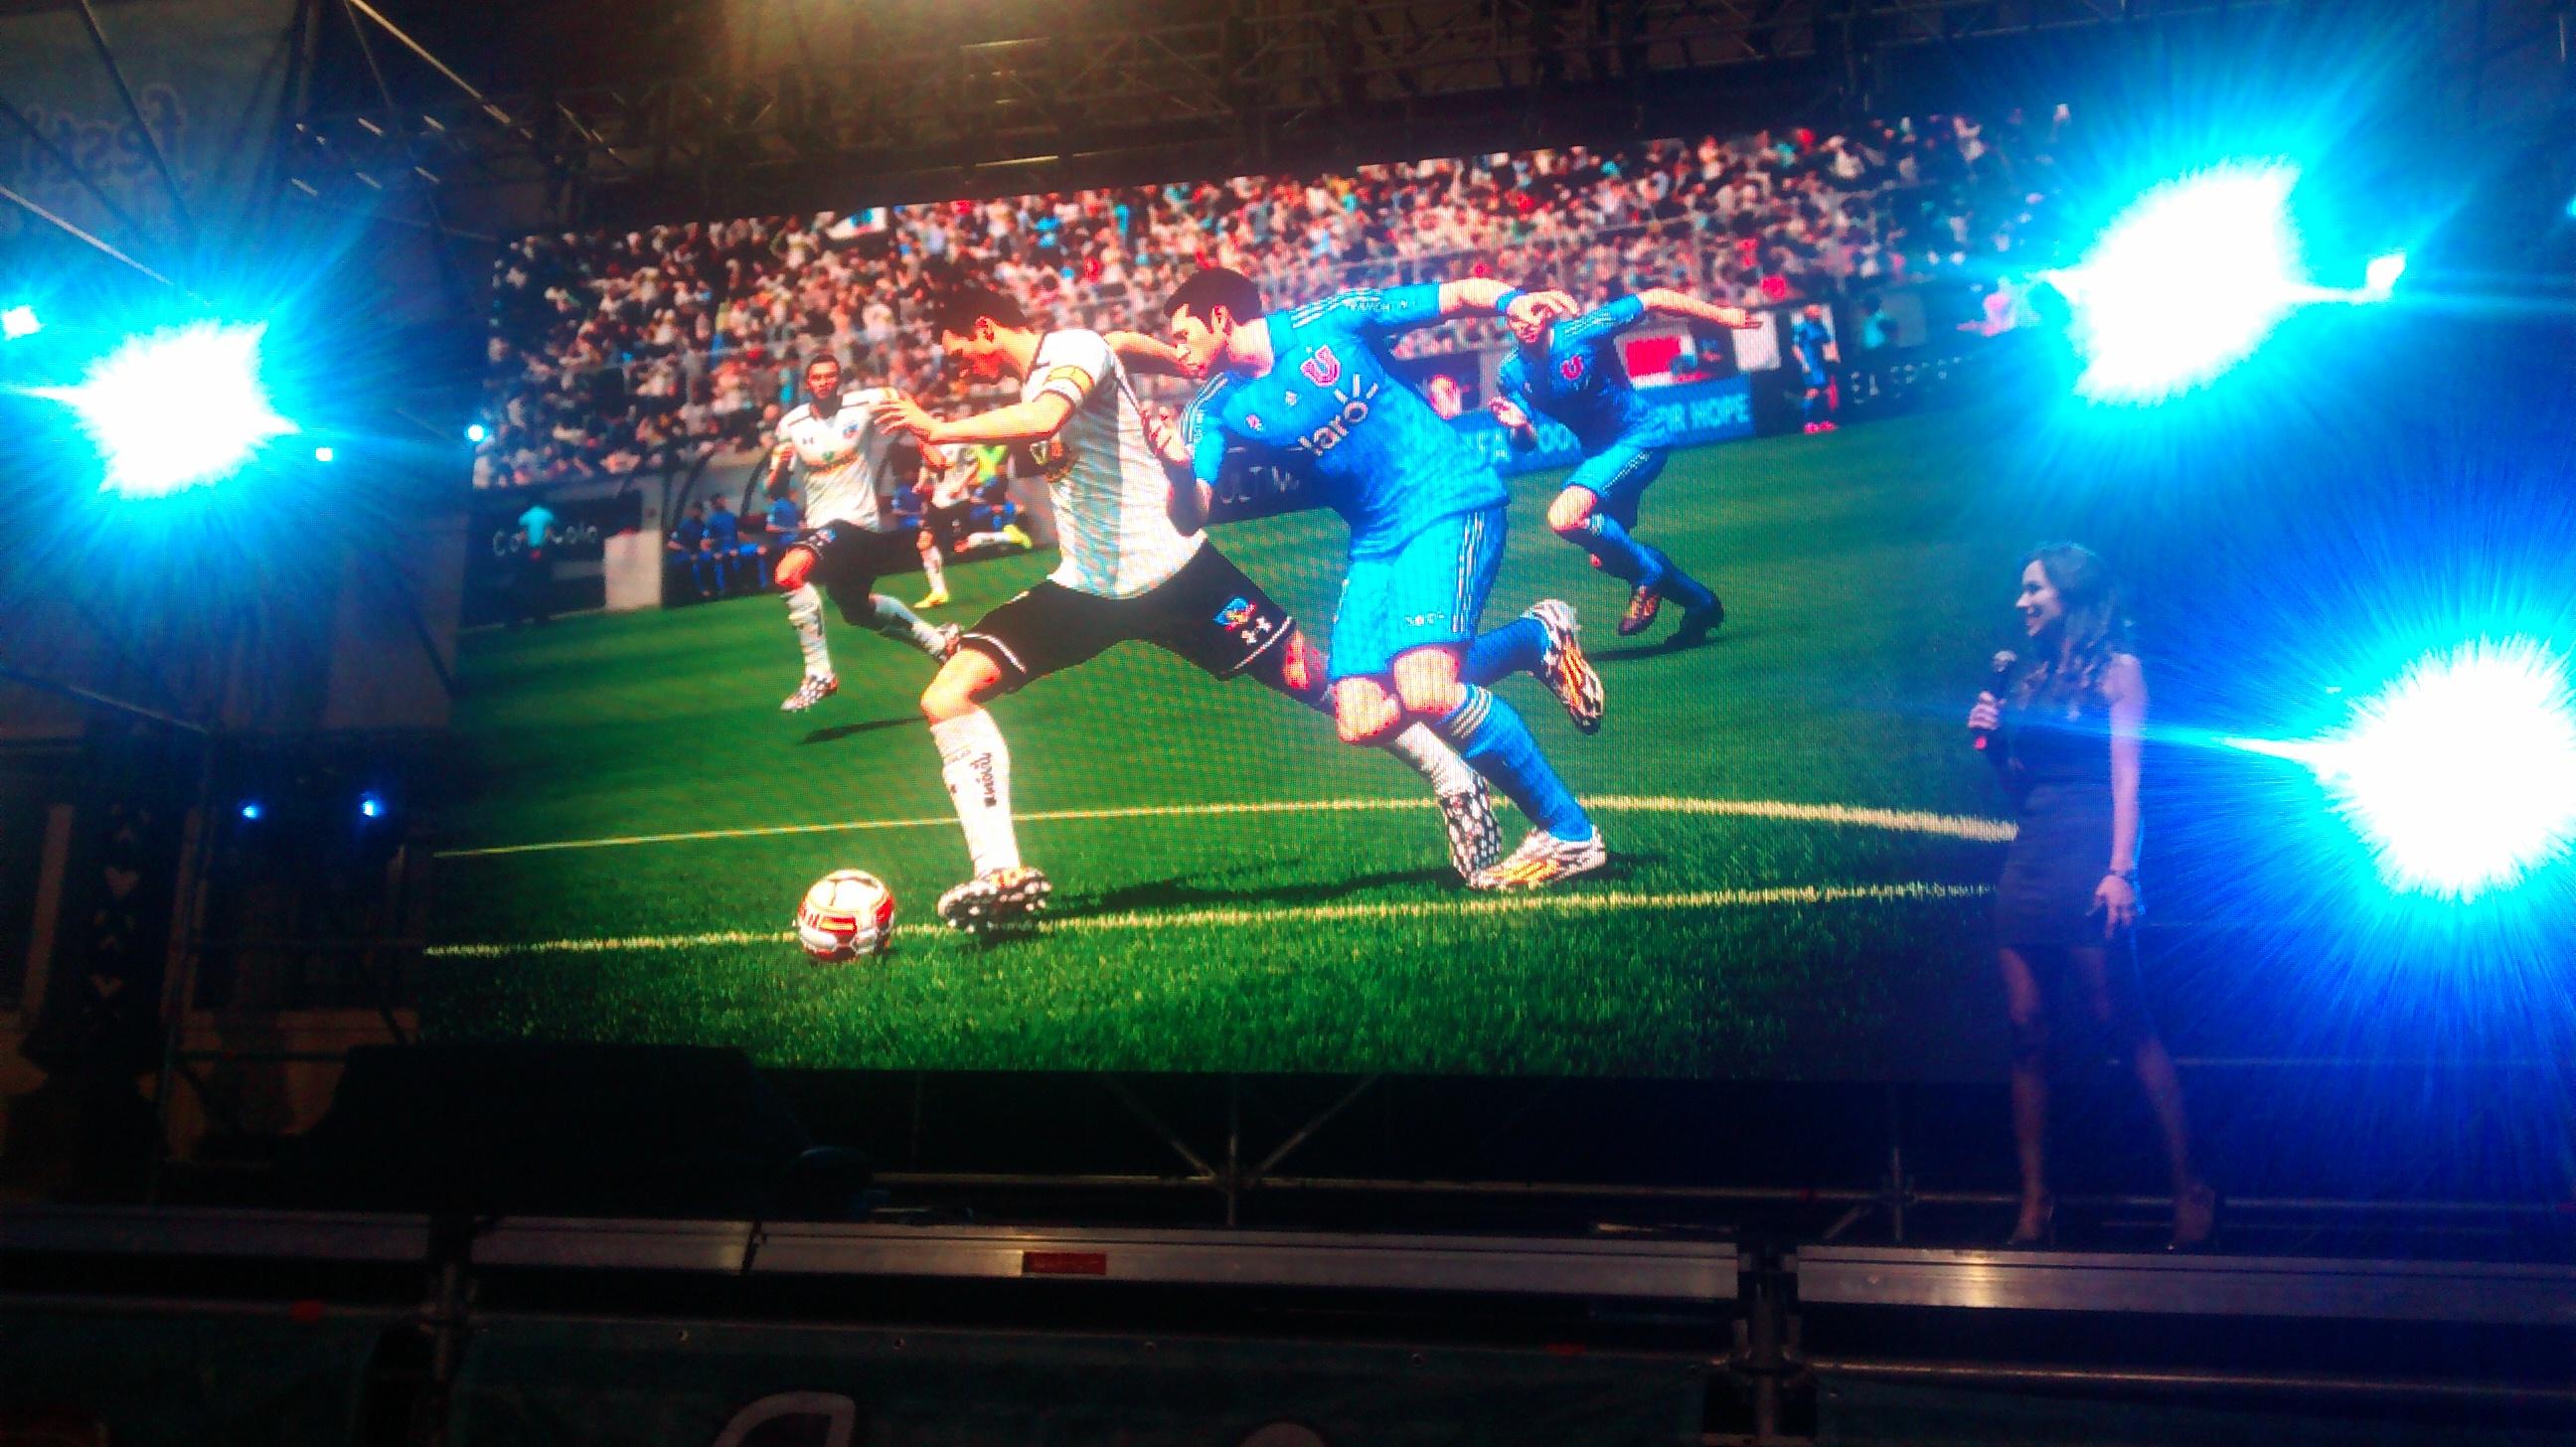 Estuvimos en el Showcase de EA Latinoamérica en Festigame 2014